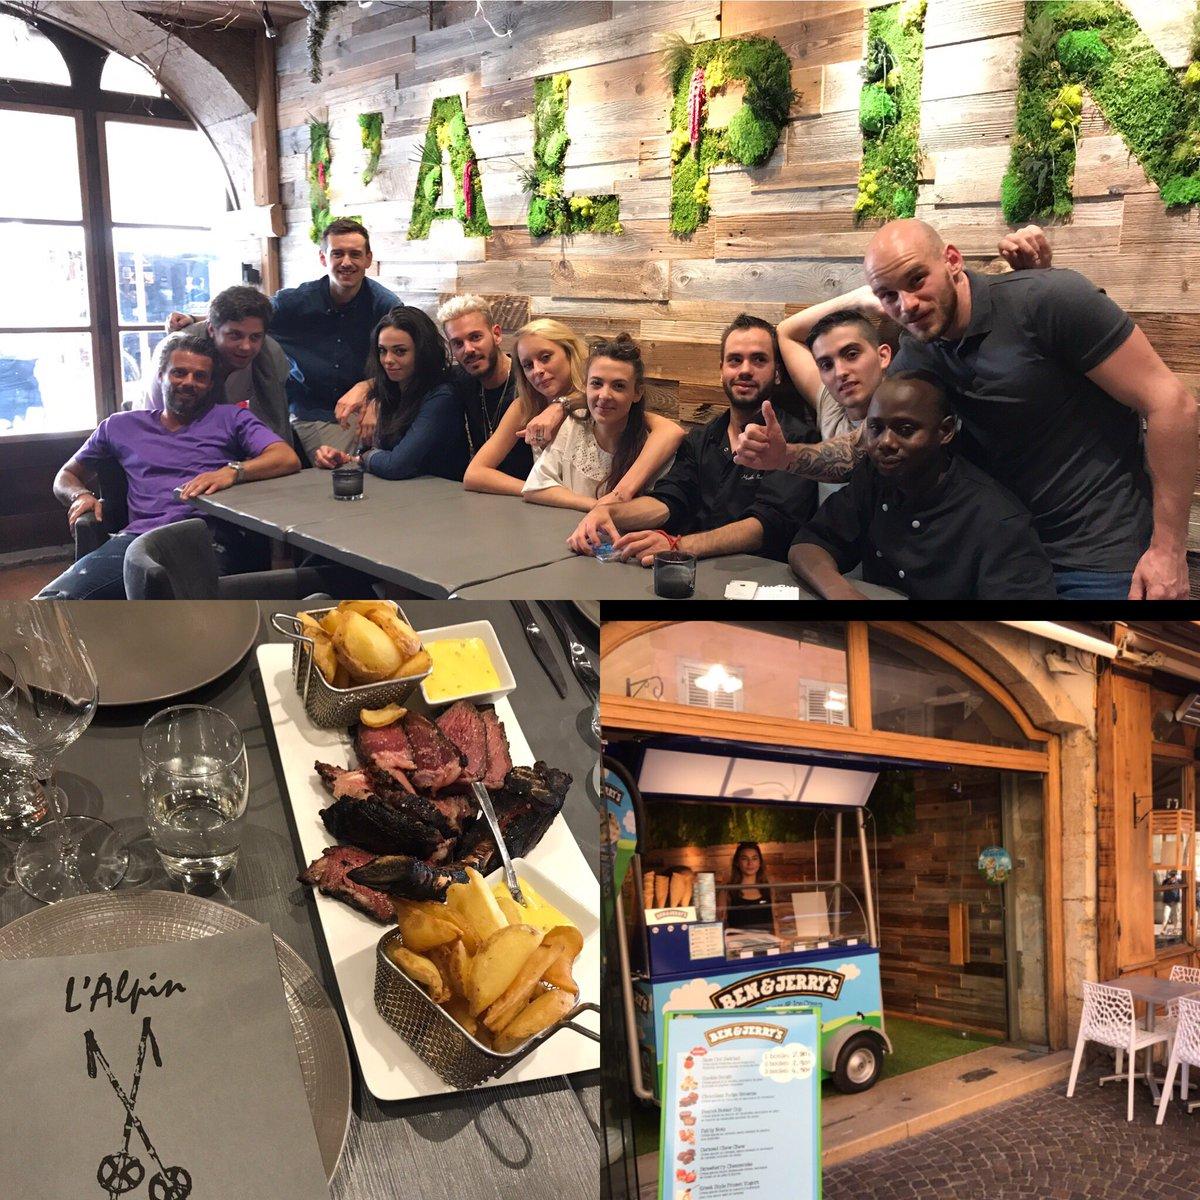 Passé manger un bout et voir nos équipes à l'Alpin Annecy 😋+ jusqu'au 30 septembre partenariat avec BEN & JERRY'S 🍦